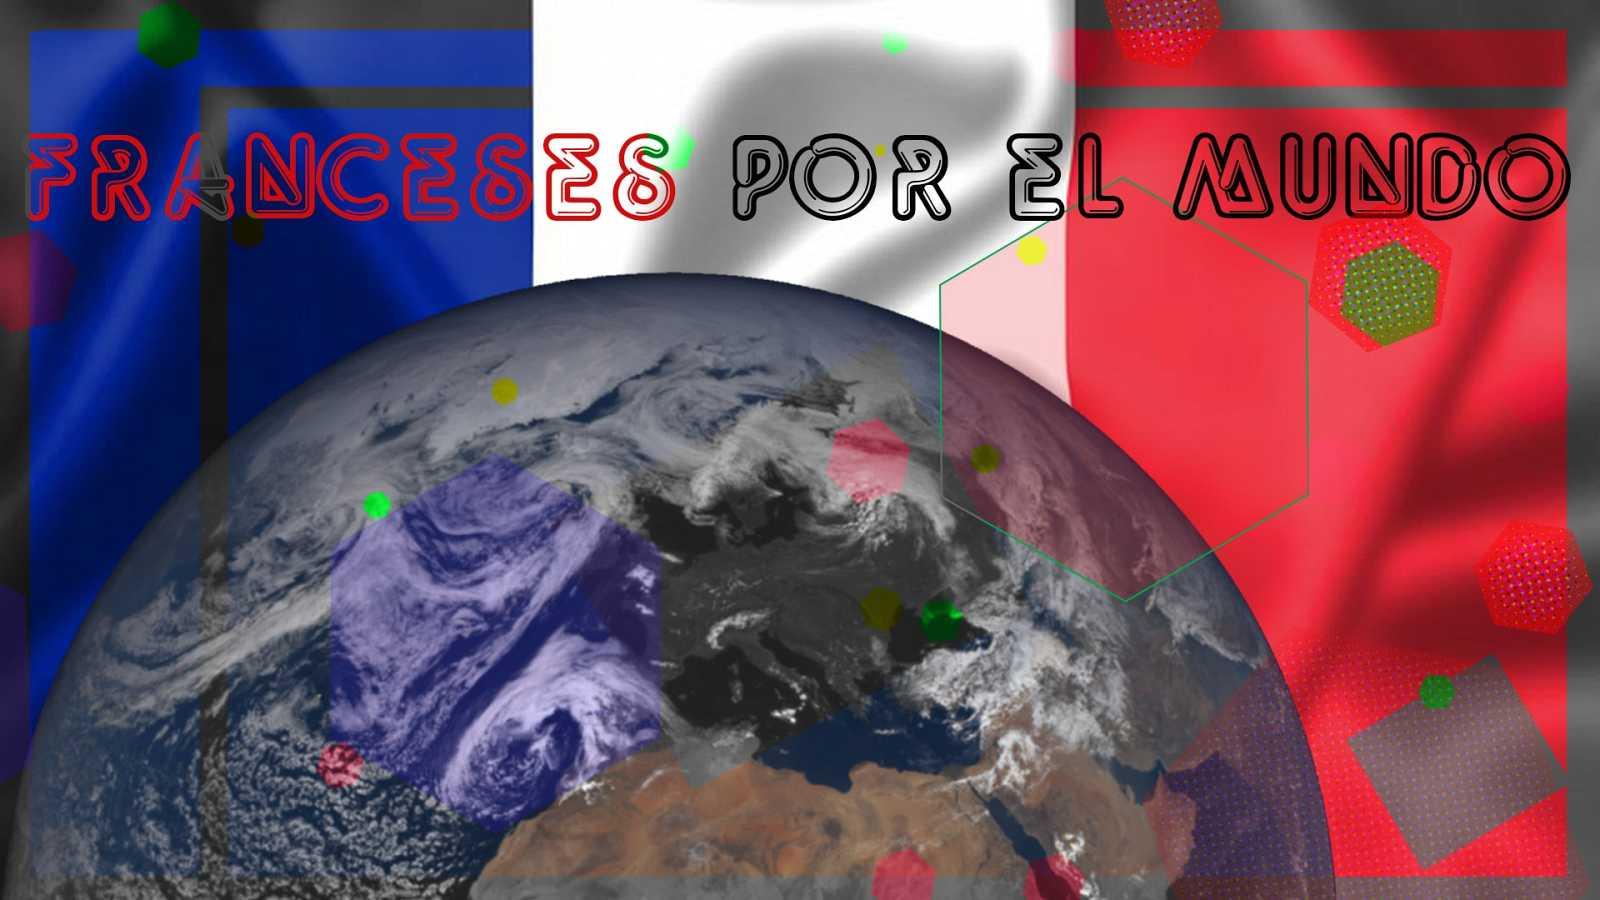 El hexágono - Francófonos por el mundo - 31/10/20 - escuchar ahora